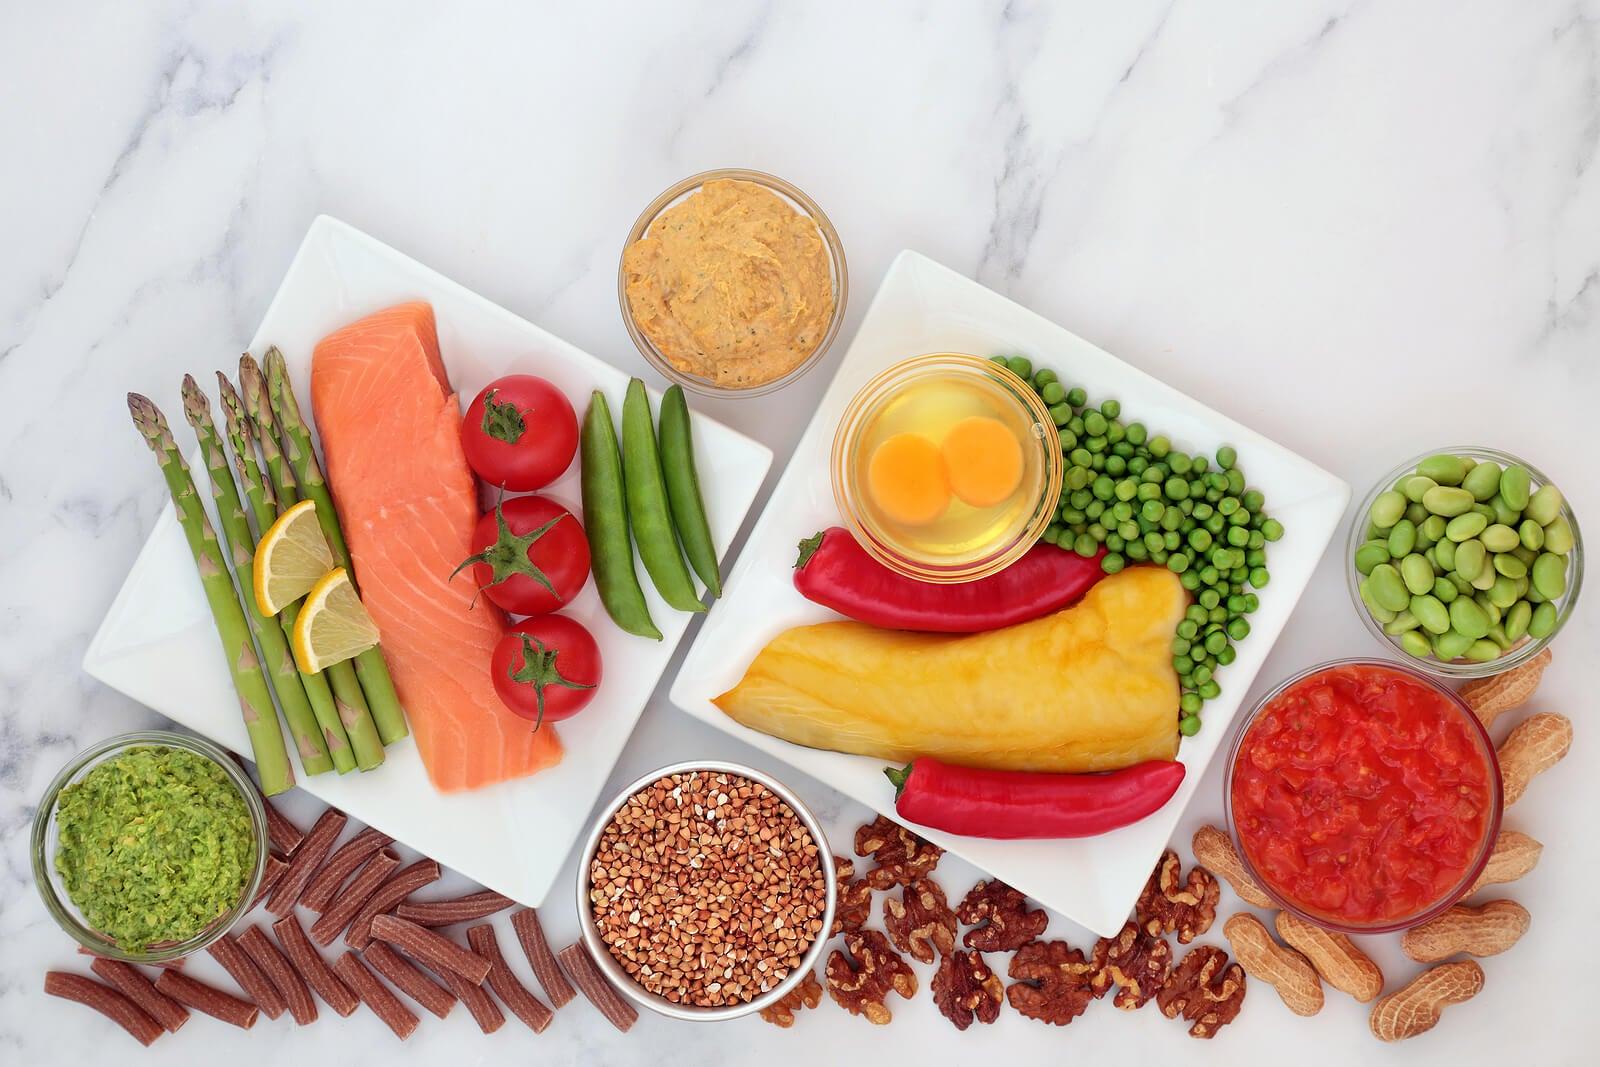 La hiperglucemia propia de la diabetes puede mejorarse con la comida